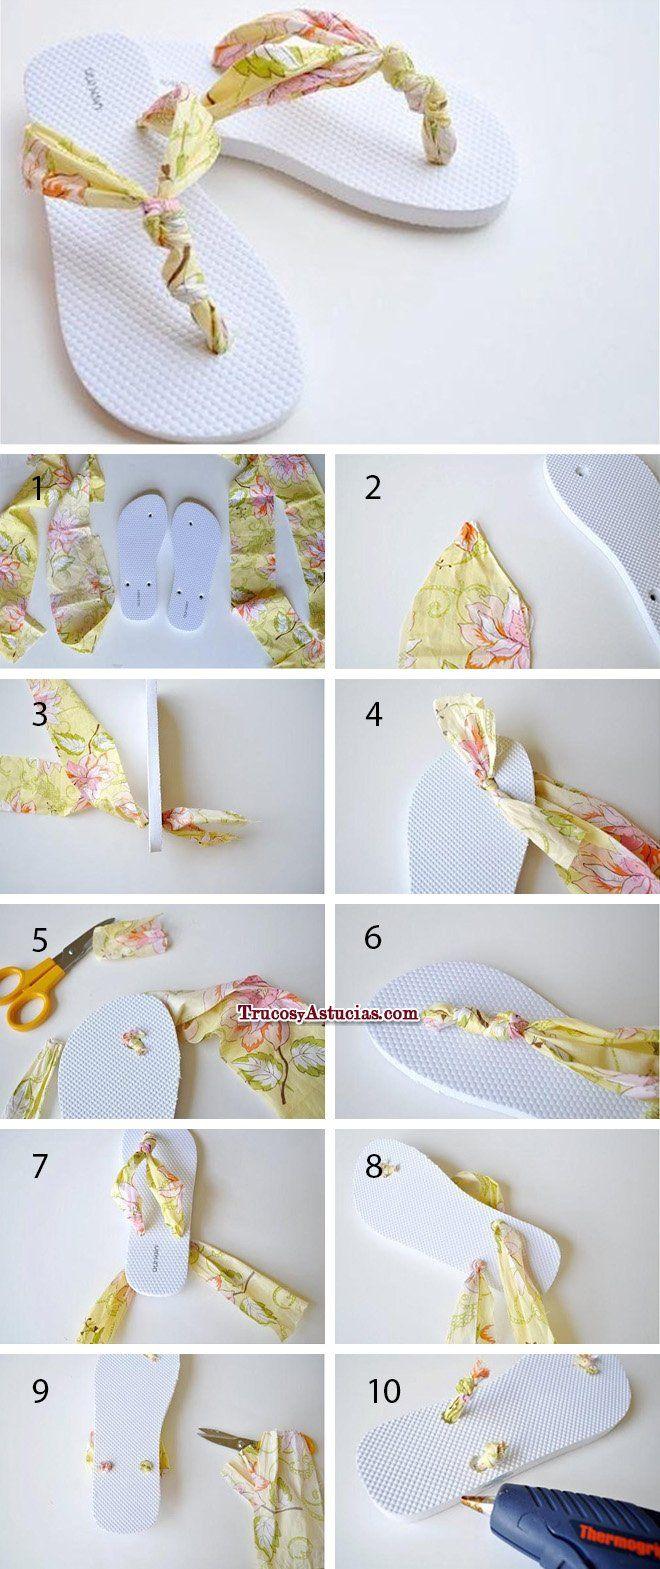 Arreglar sandalias y chanclas de dedo rotas - Trucos y Astucias